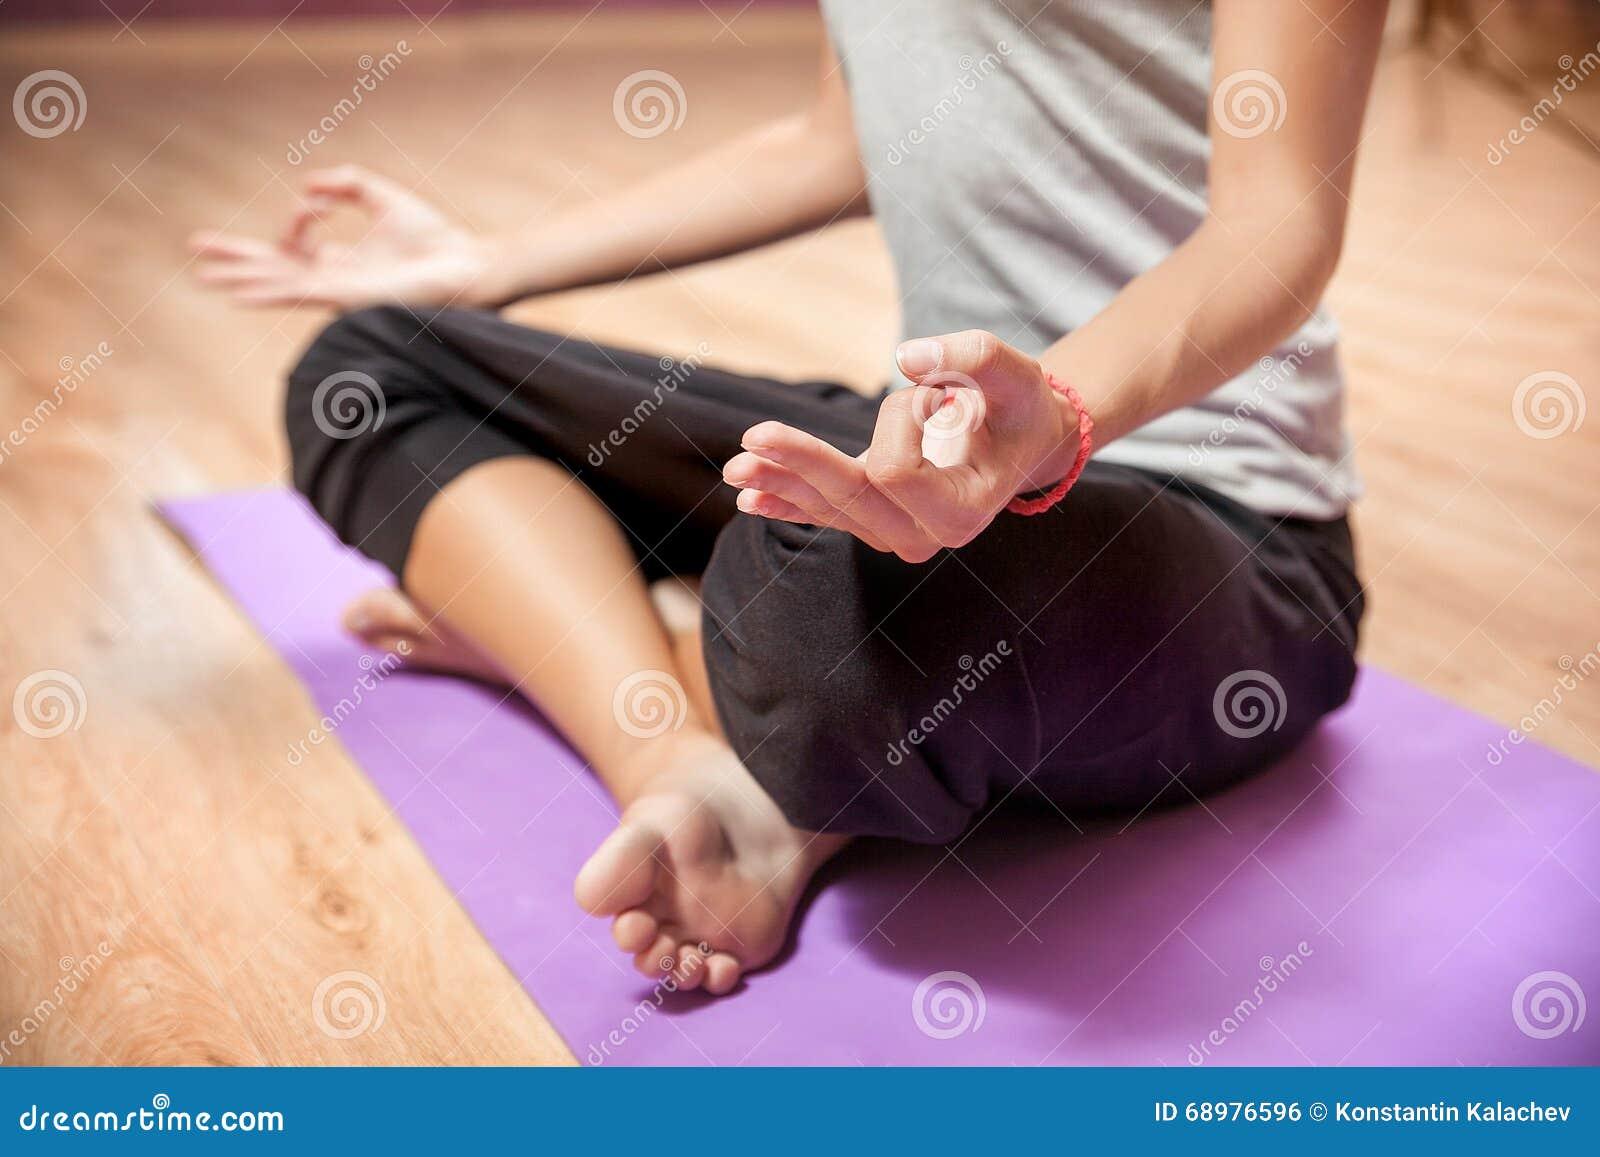 Маленькая девочка делая йогу в крупном плане положения лотоса внутри помещения